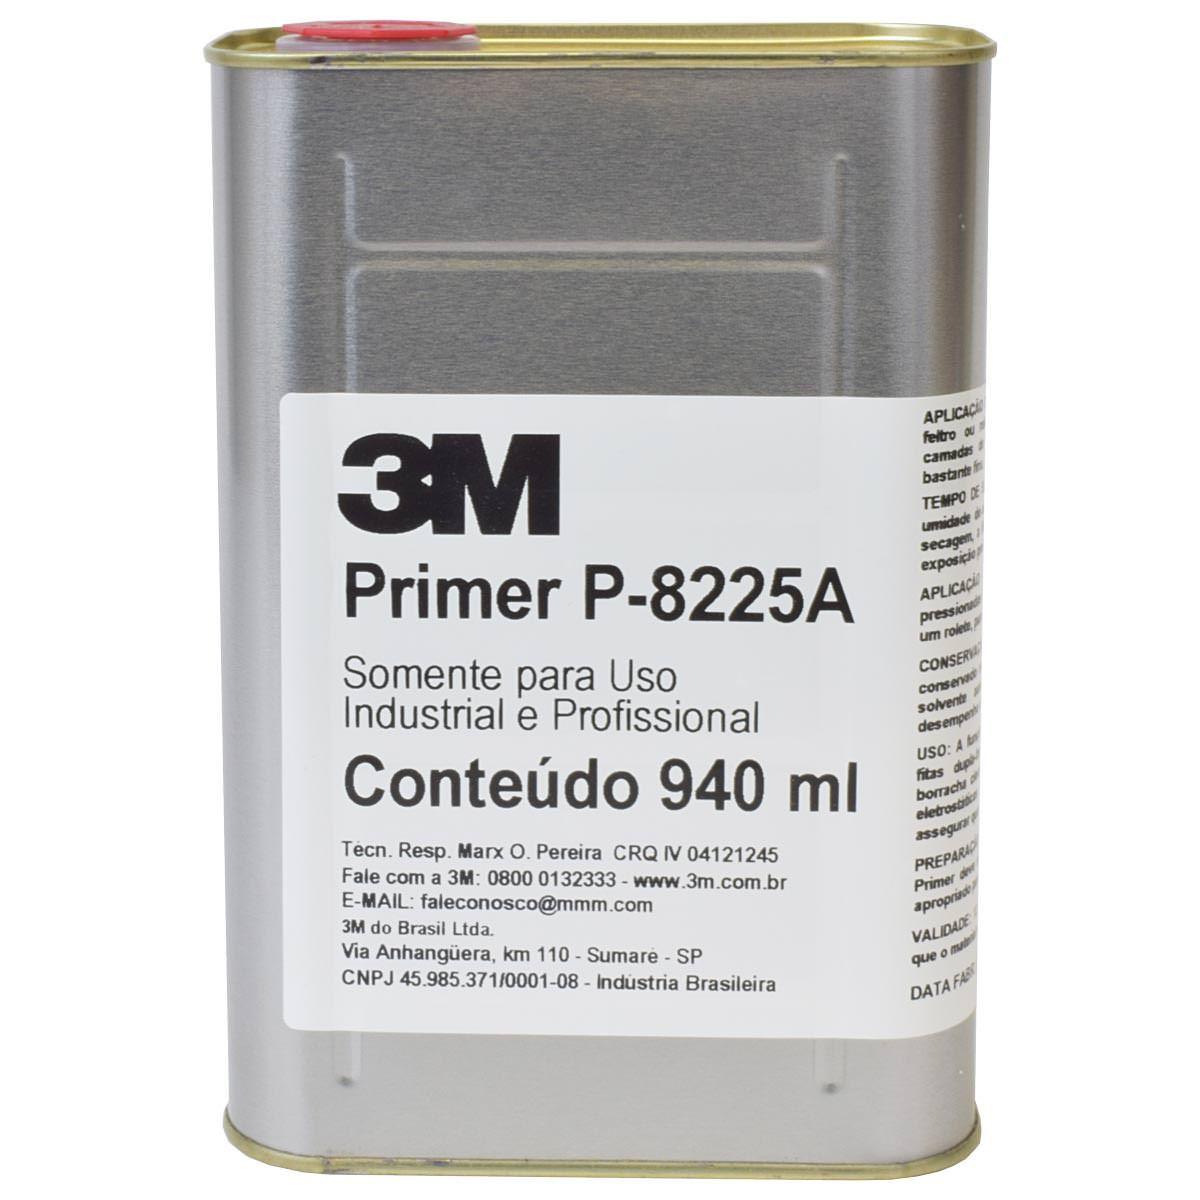 Primer Para Fita VHB P-8225A 940ml - 3M